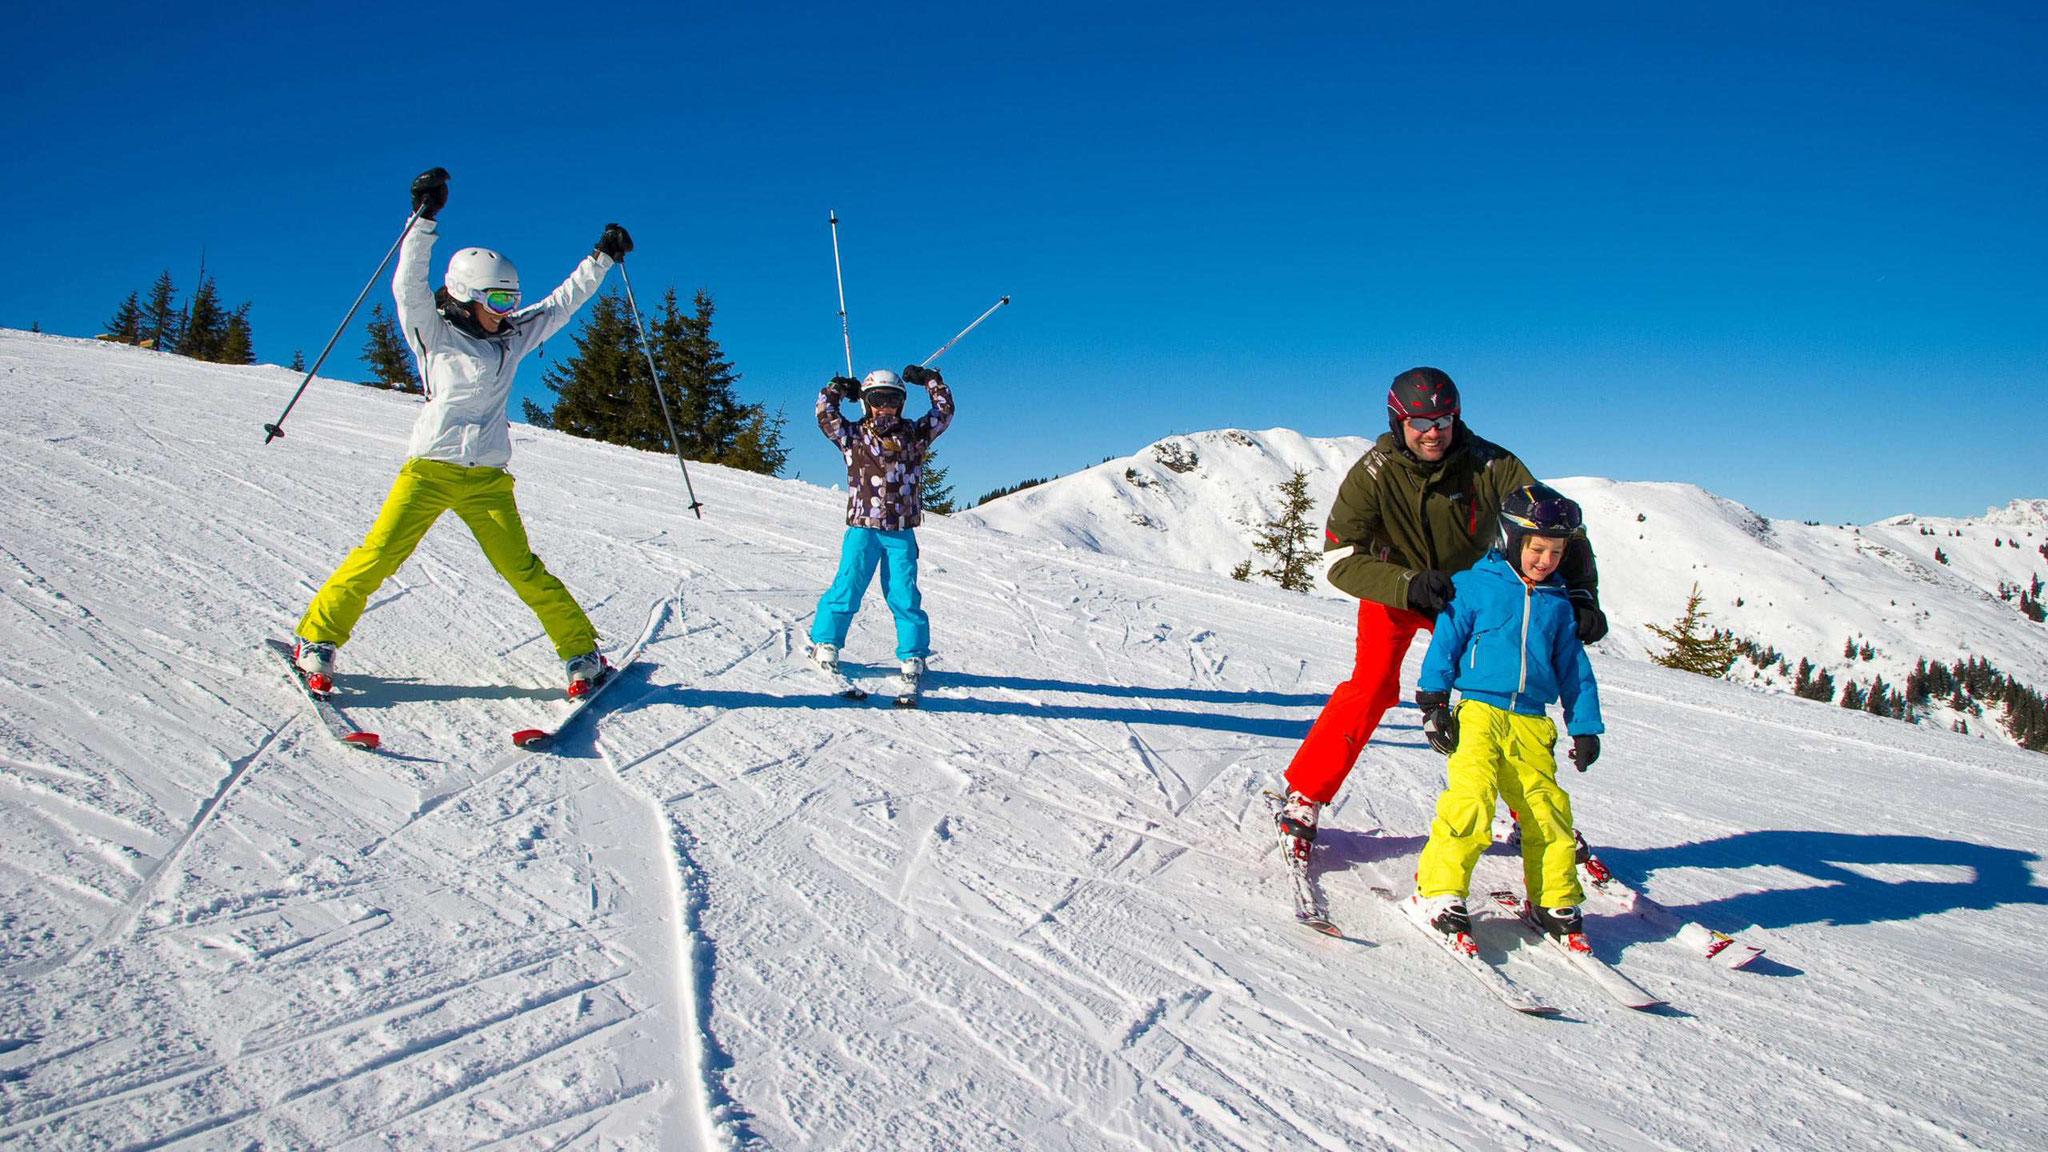 Skischaukel Großarl Dorfgastein in Ski amade